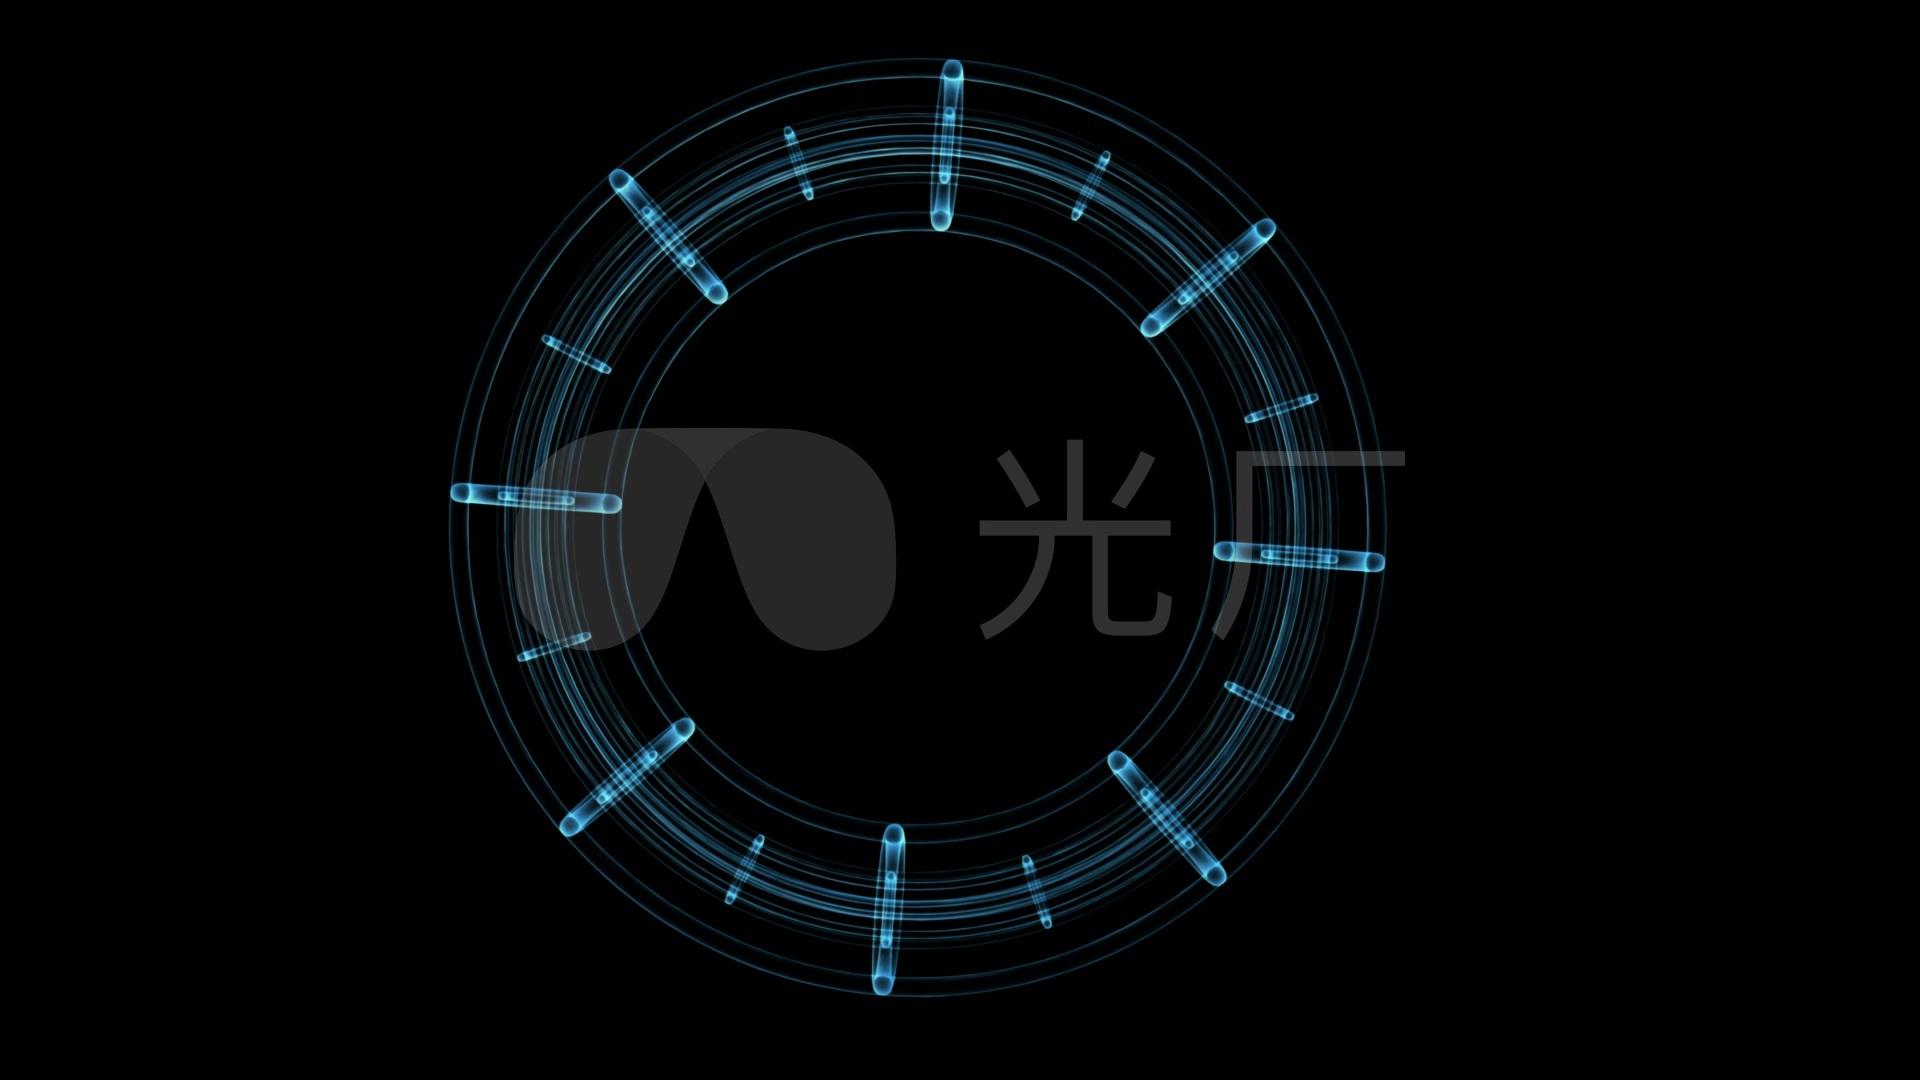 智能科幻视觉冲击圆圈旋转透视分析视频素材